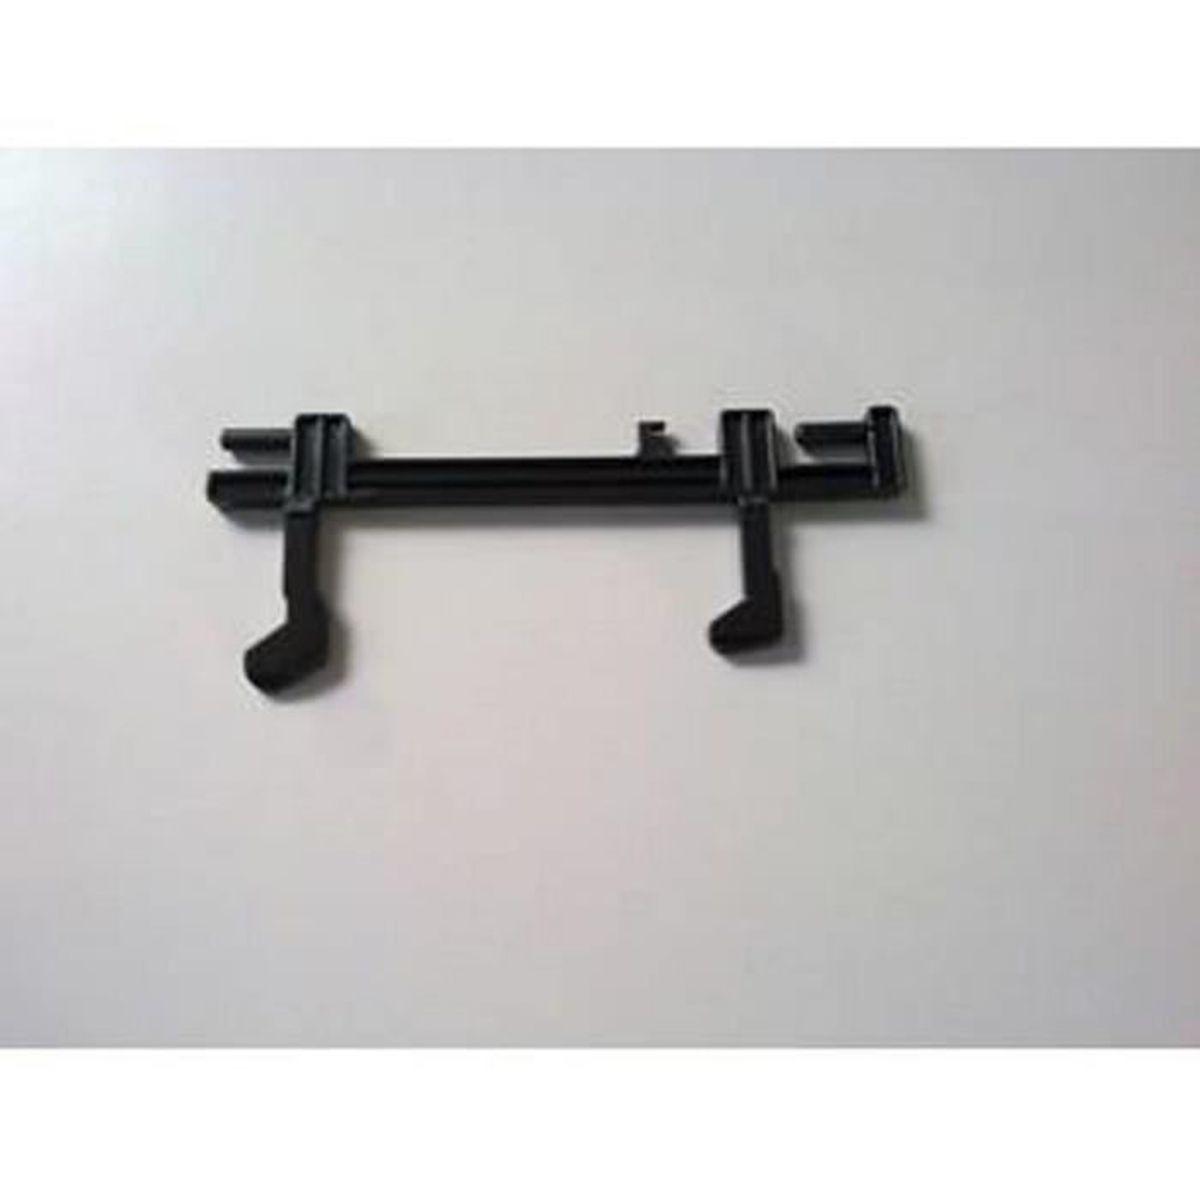 Meuble Micro Onde Ikea securite de porte (verrou) pour four micro ondes bauknecht, ikea from